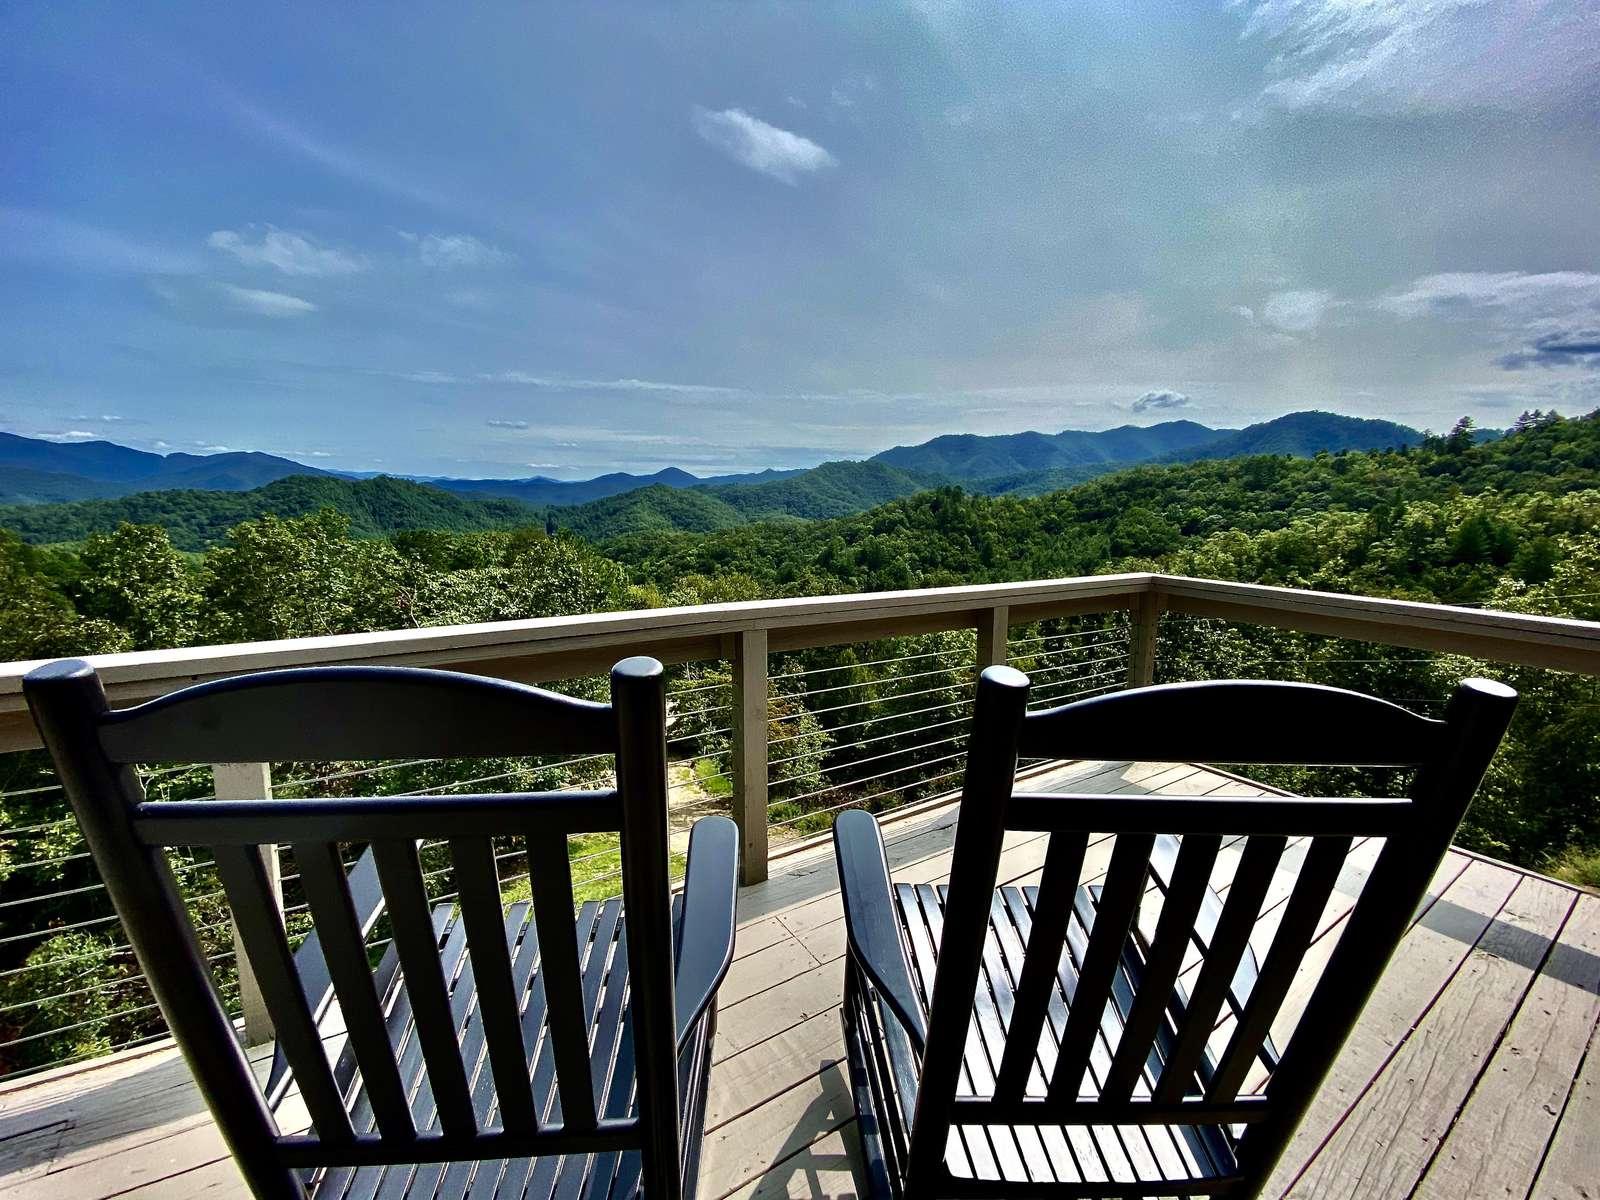 Enjoy the Long Range Mountain Views - We saved your seat